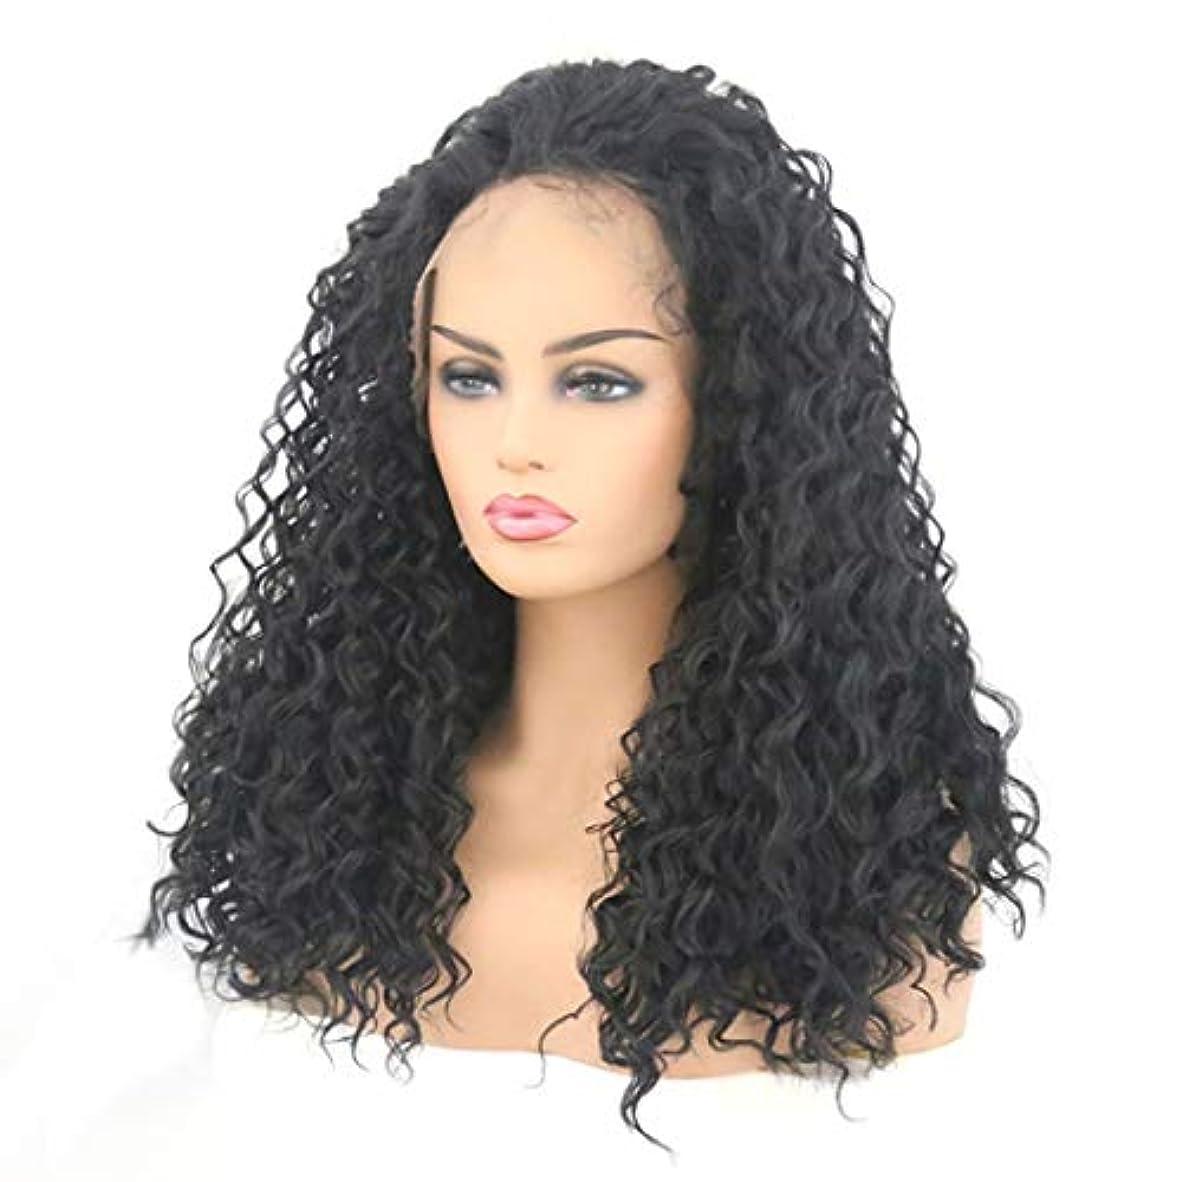 アクションインフラ優しいKerwinner 女性のための黒の小さな巻き毛の長い巻き毛のフロントレース高温シルク